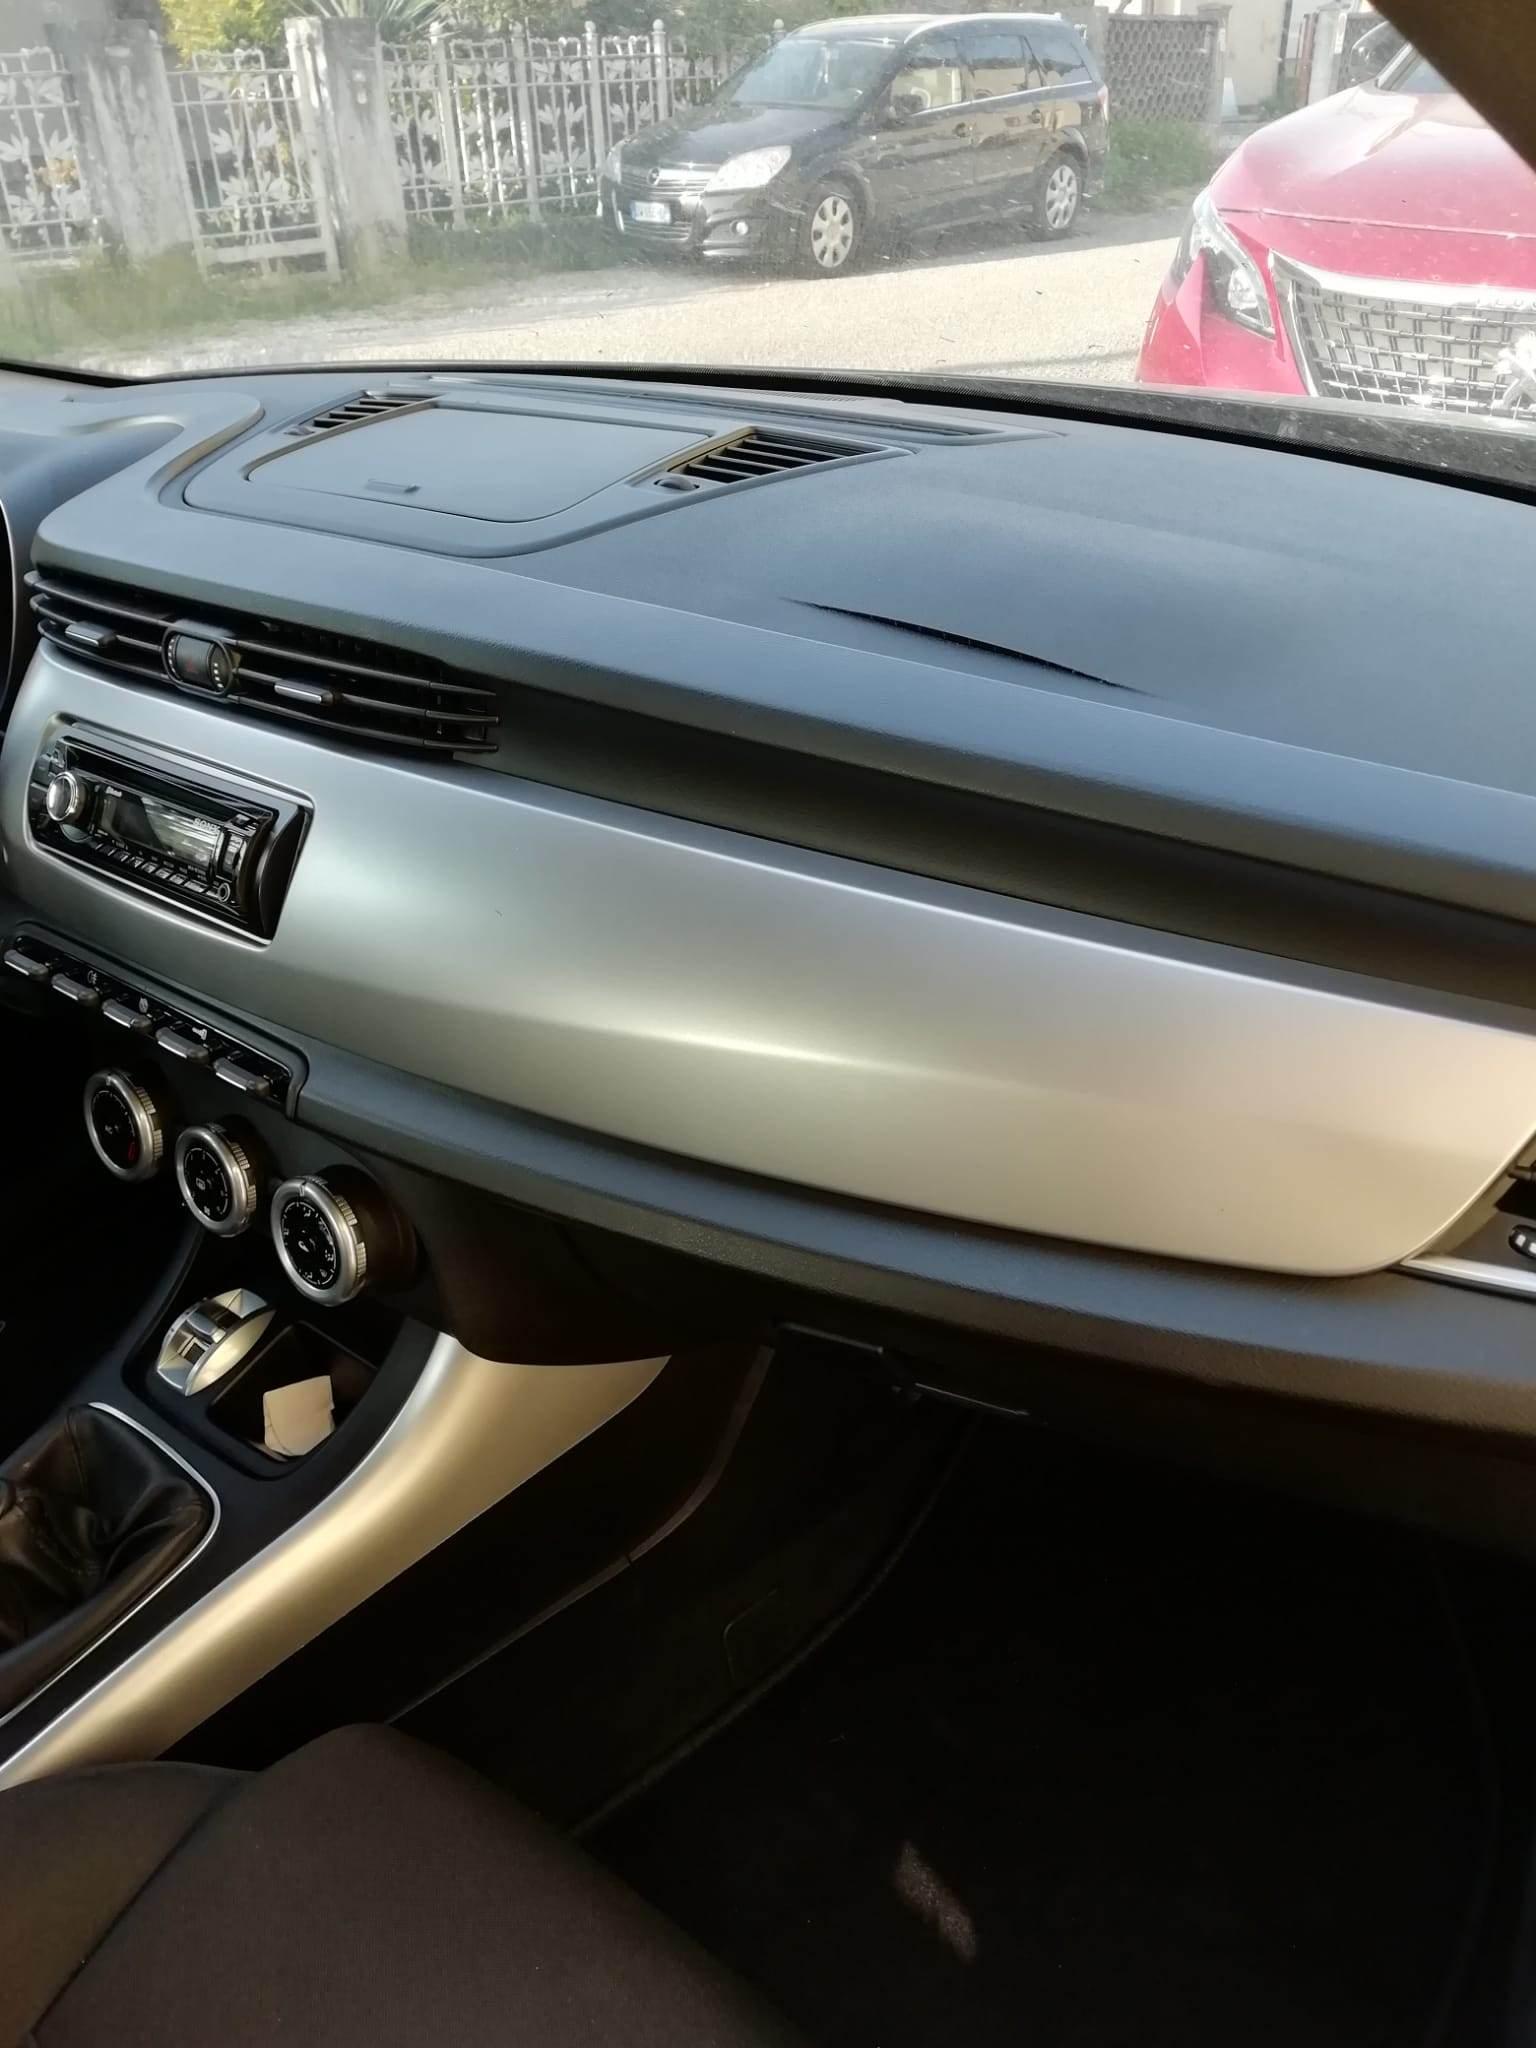 foto Giulietta - Rigonfiamento profilo airbag passeggero! - 1